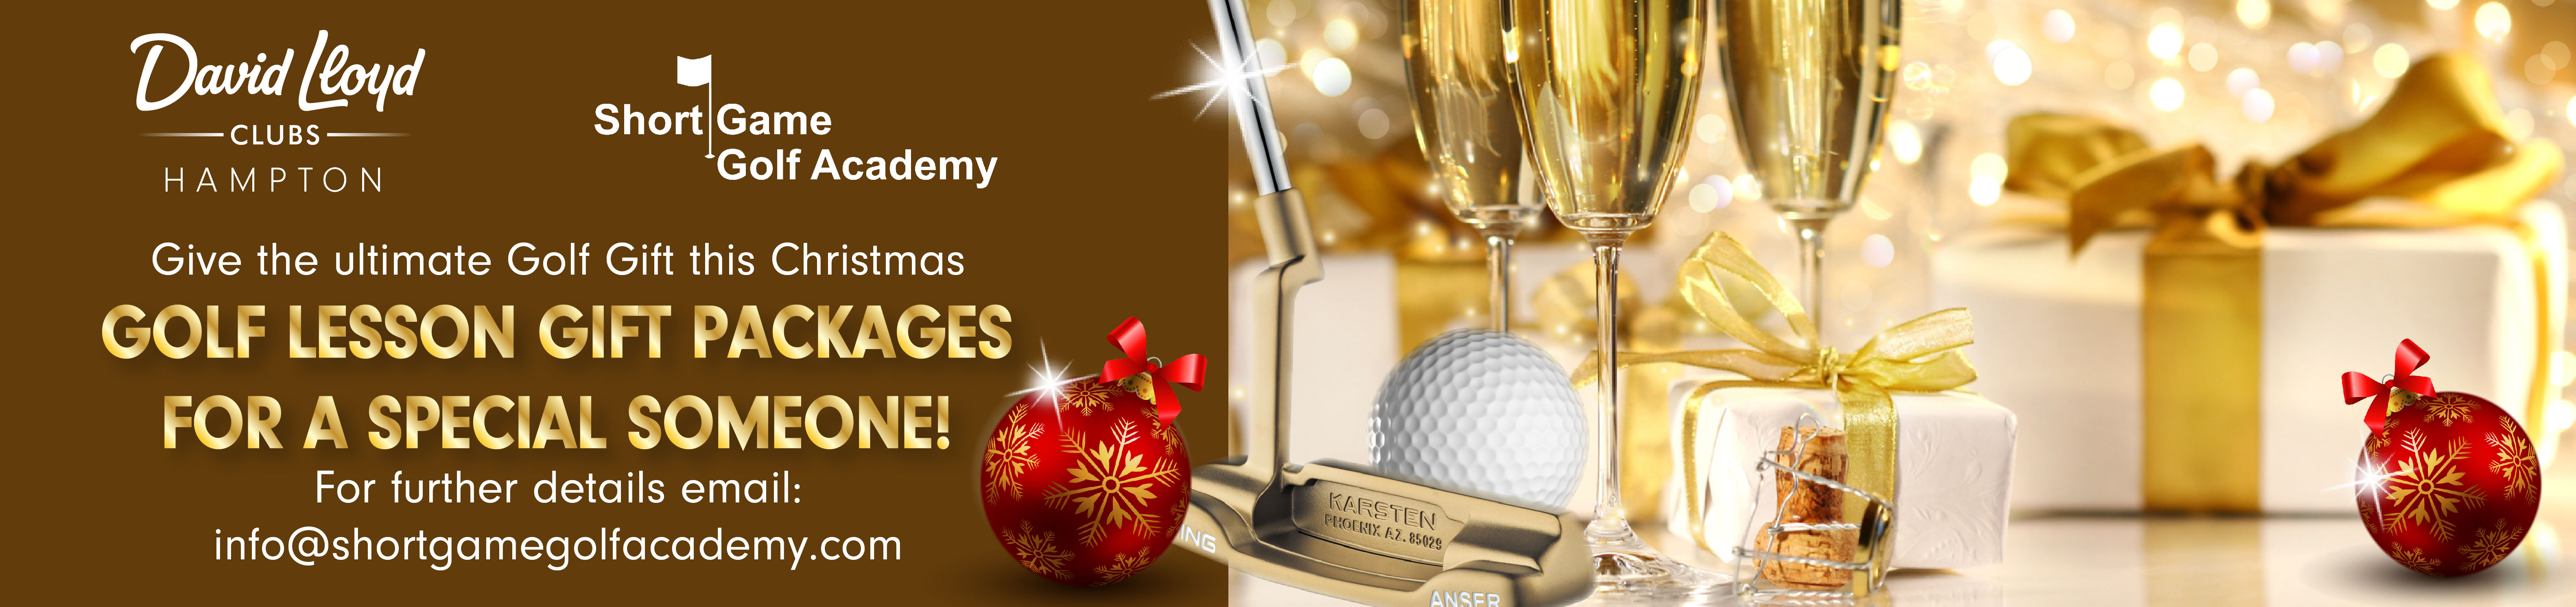 Christmas Web Banner 2021